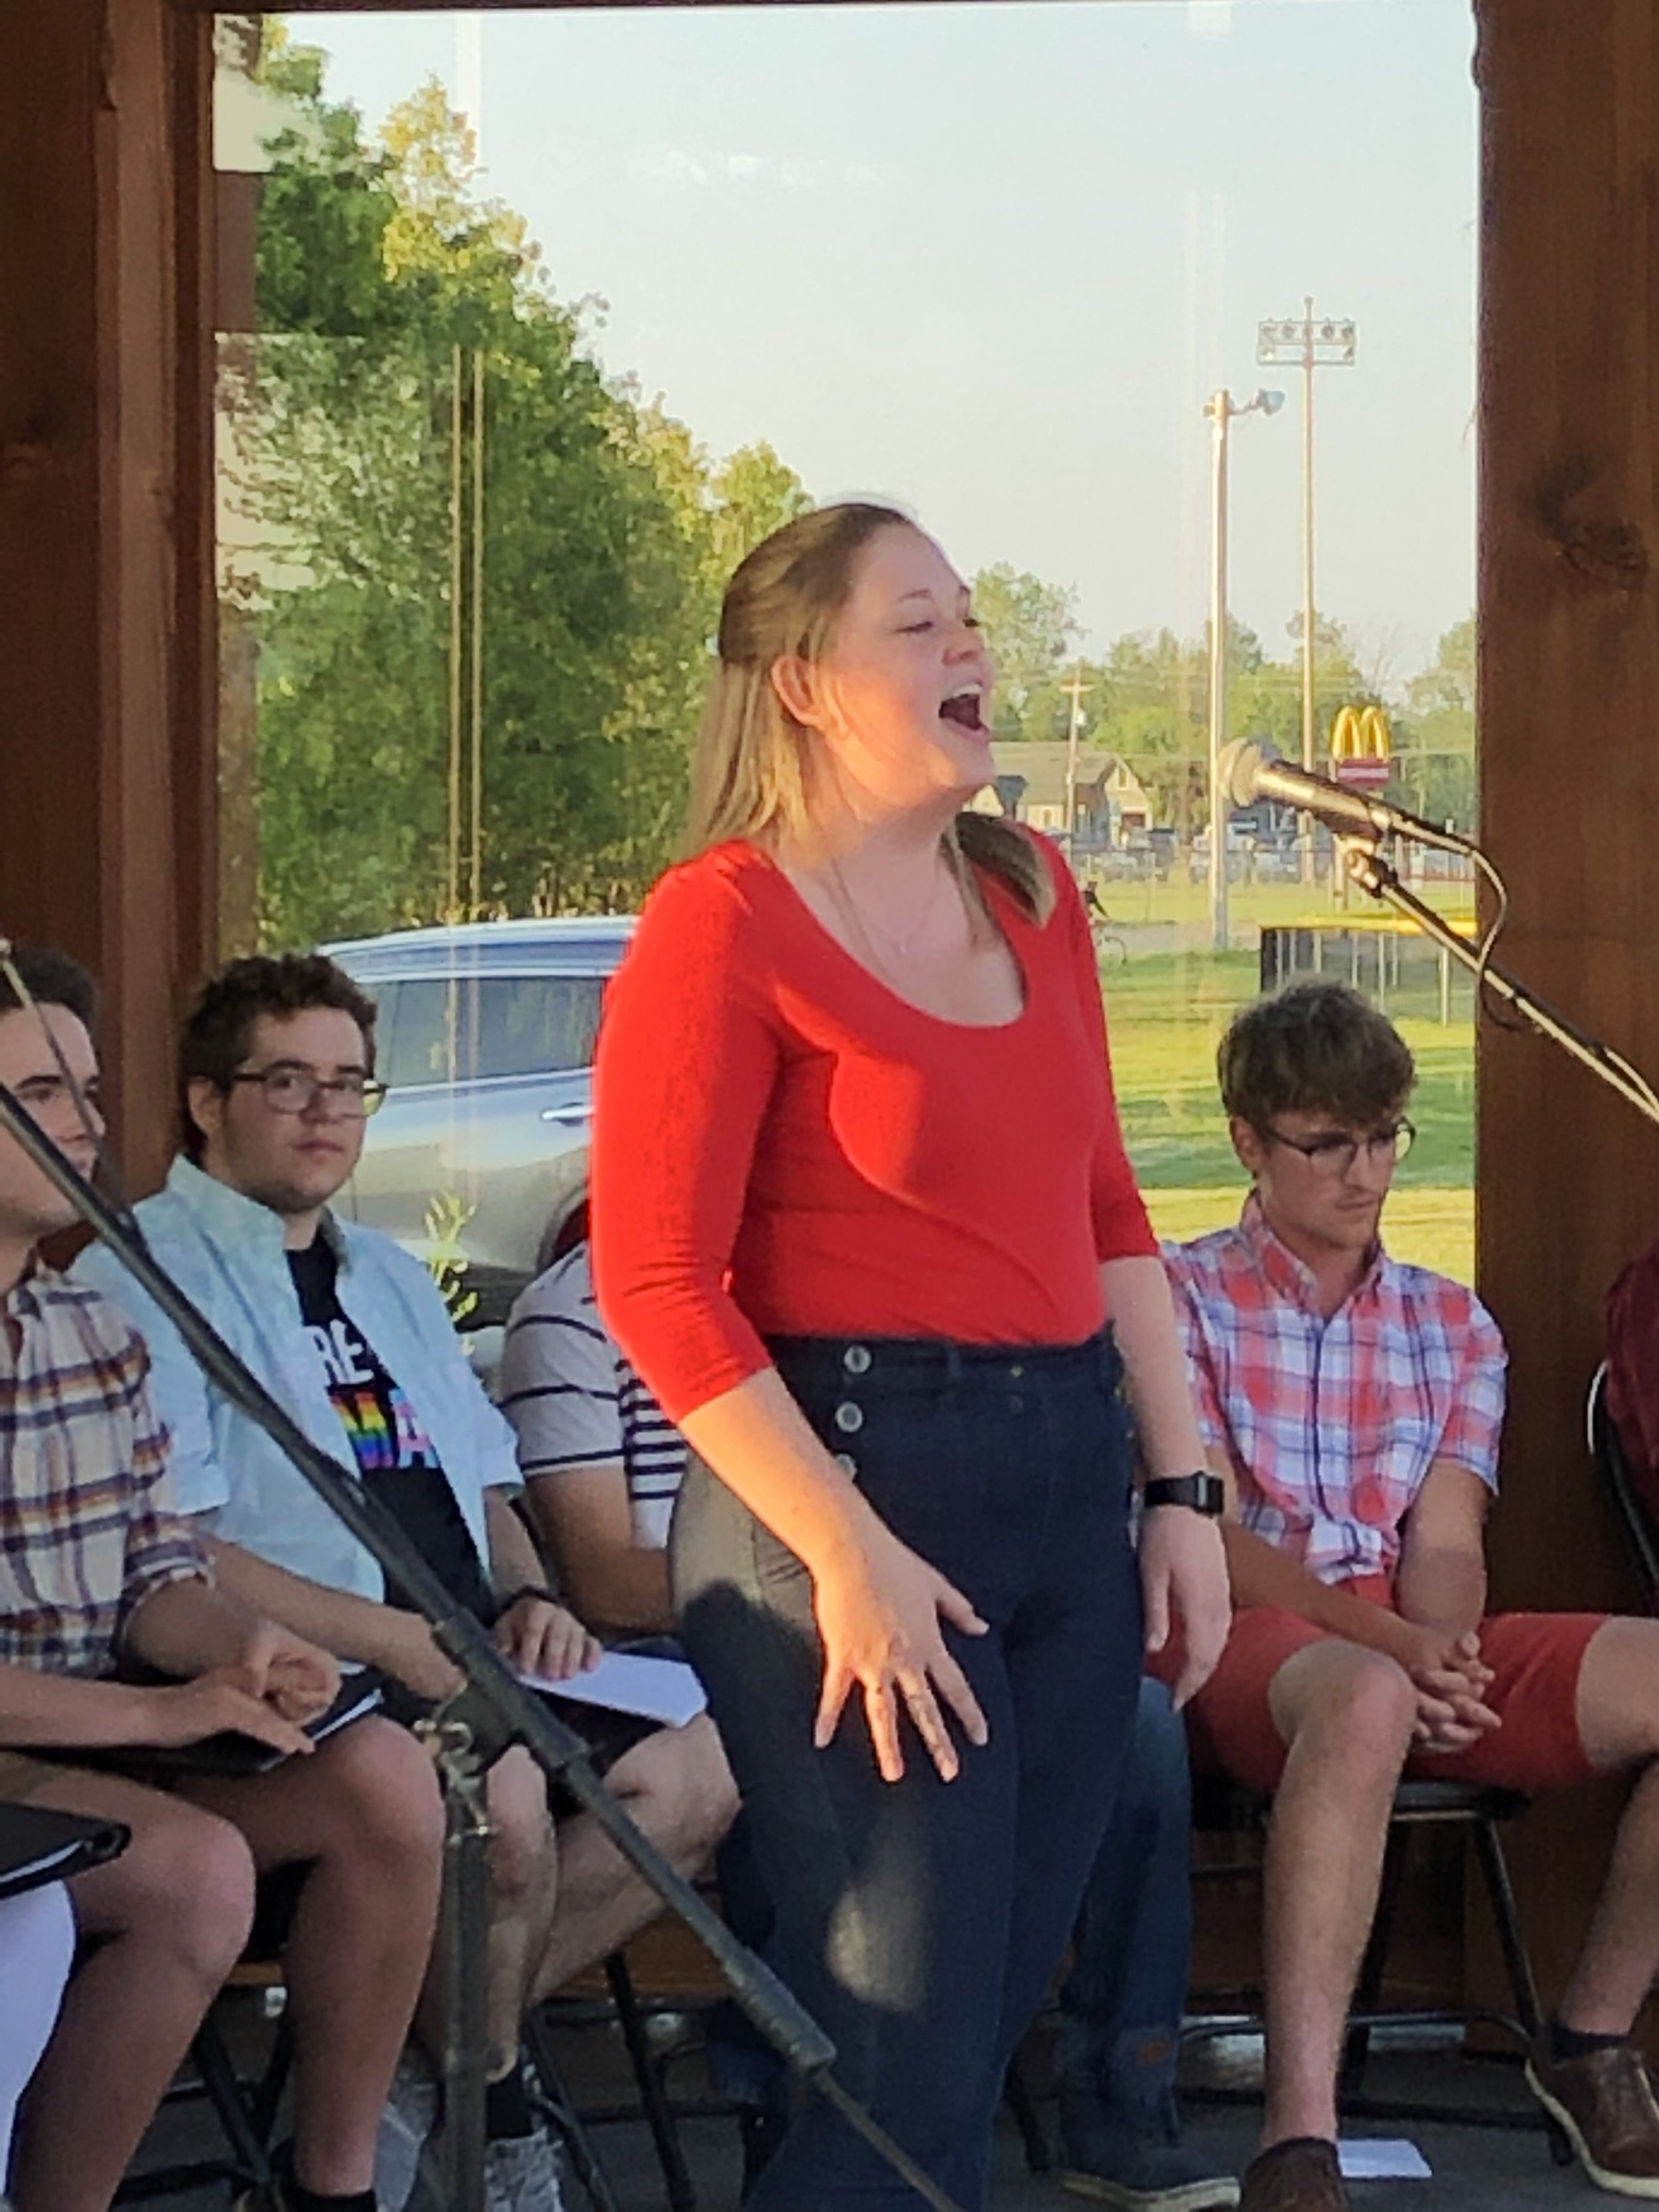 Danielle LaMere sings a solo